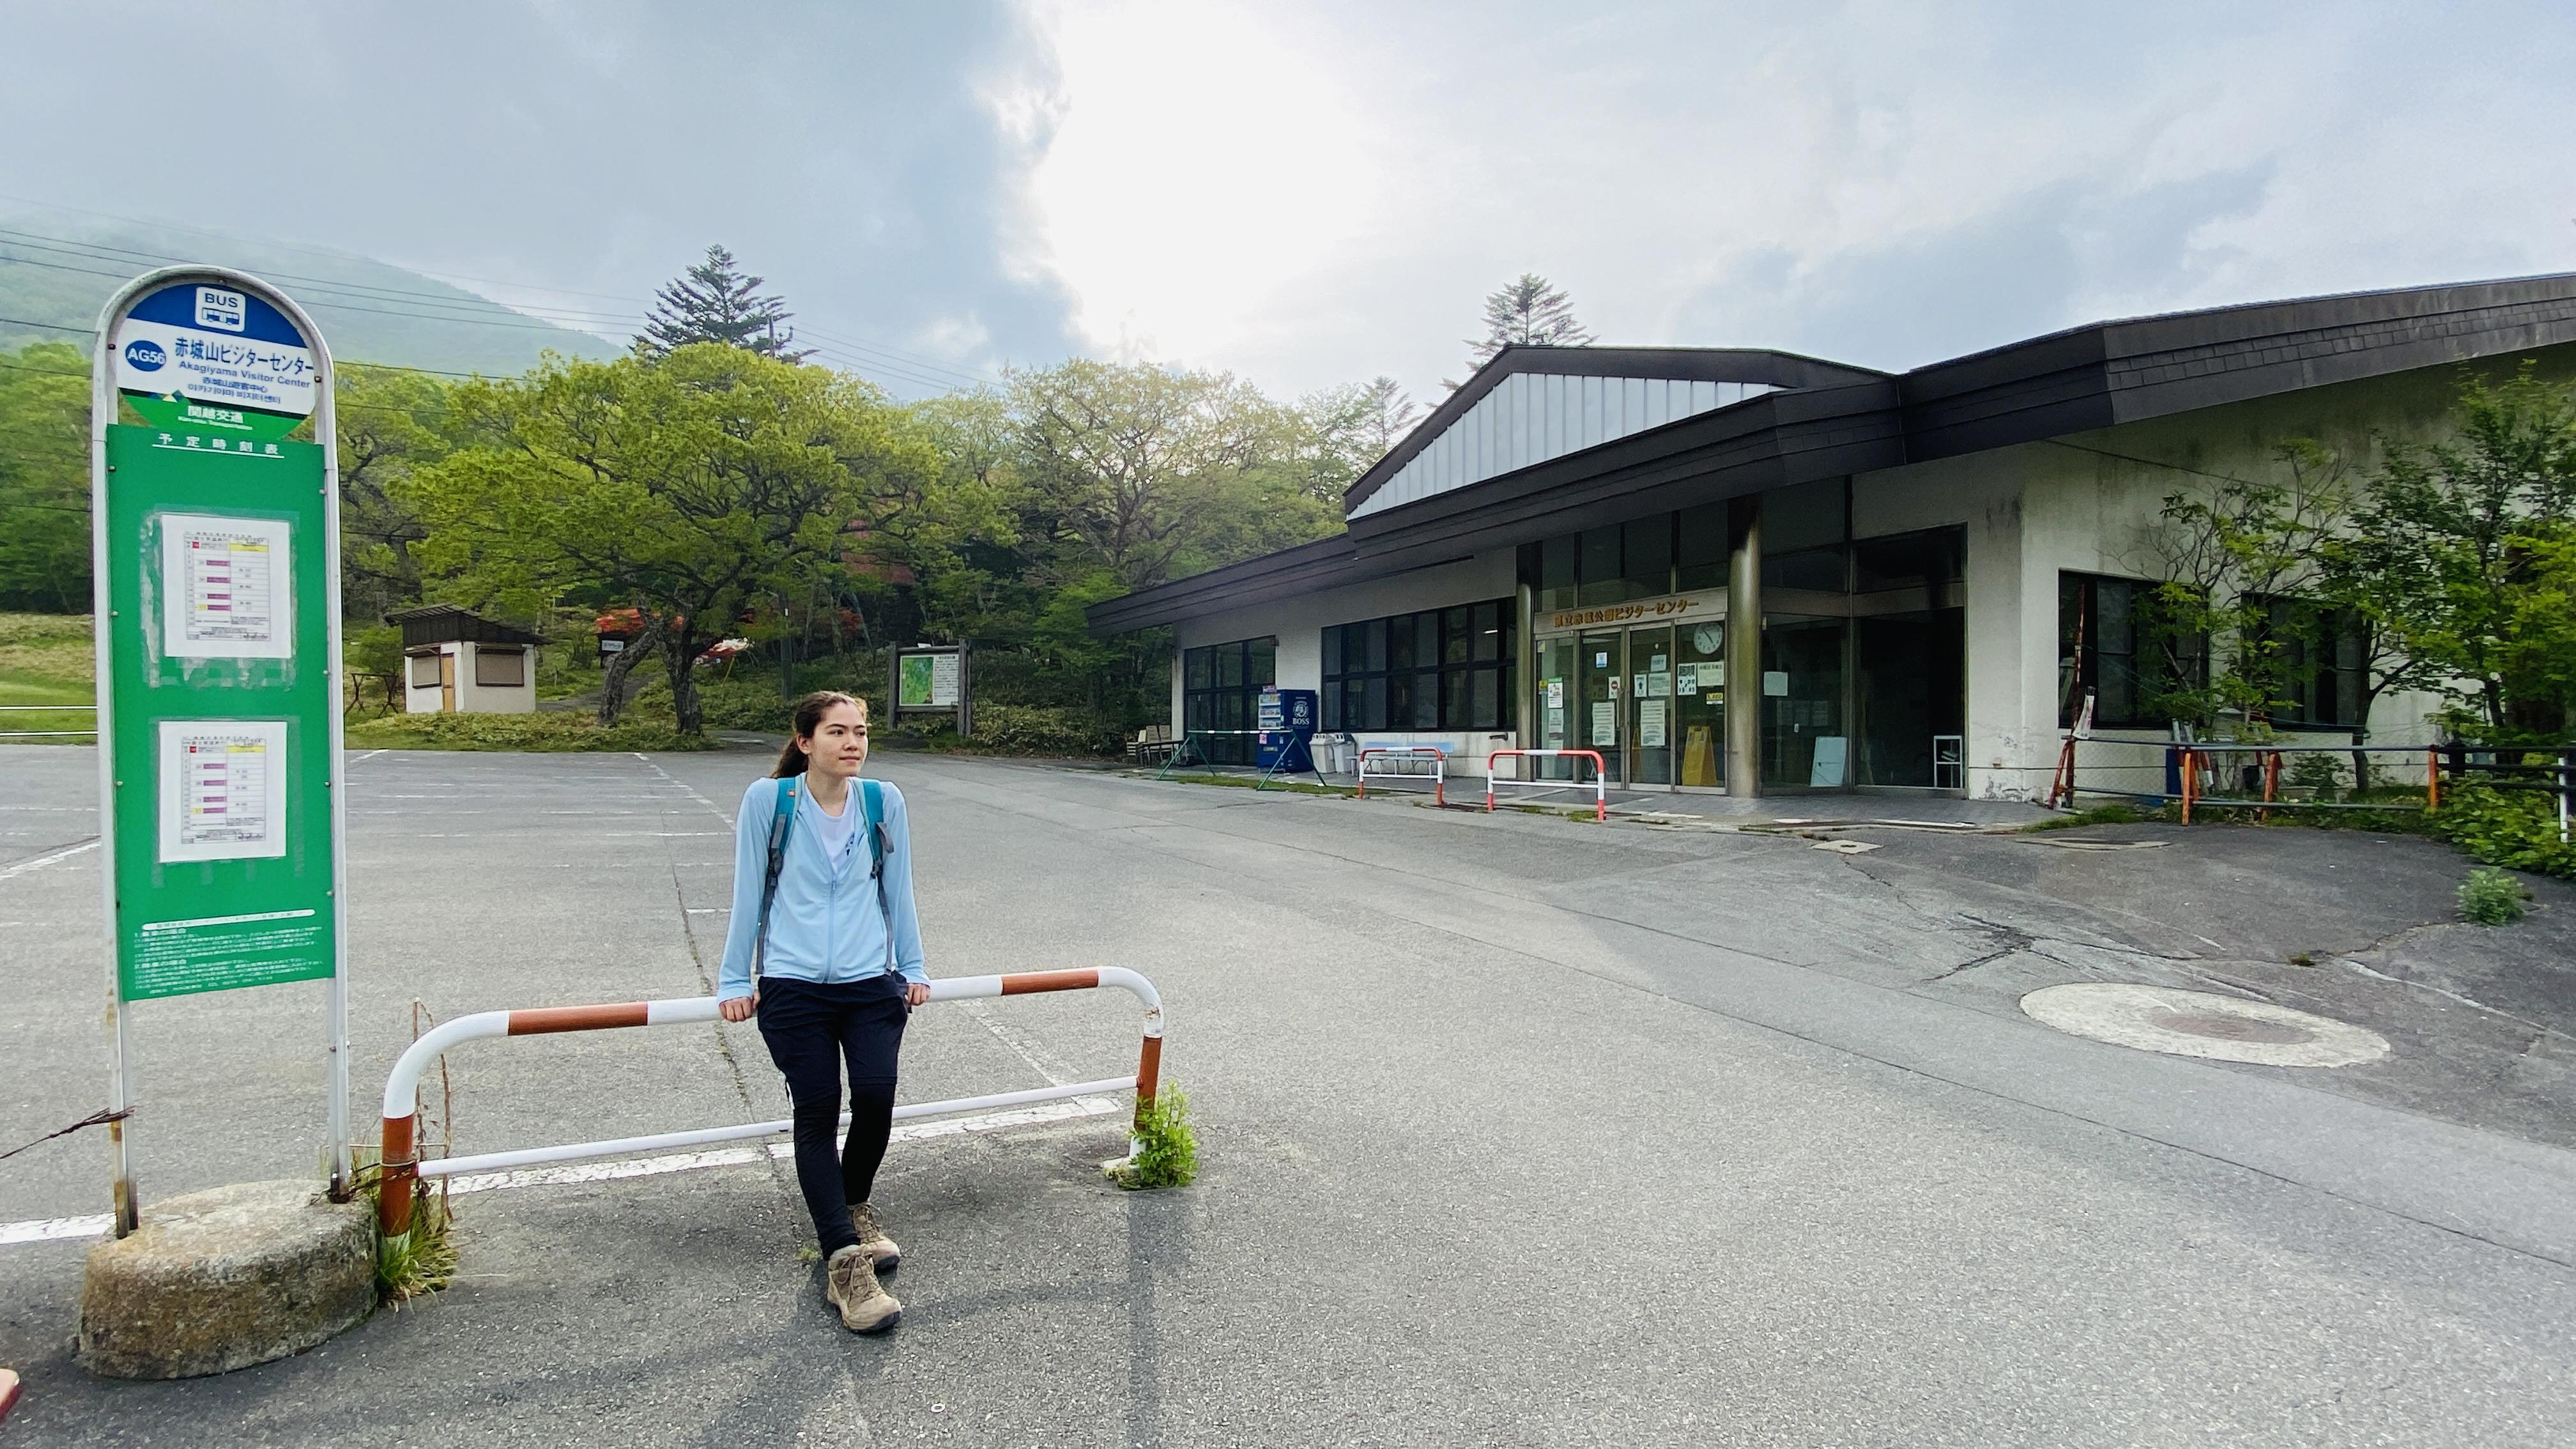 hiker waits at bus stop next to Akagi visitor center